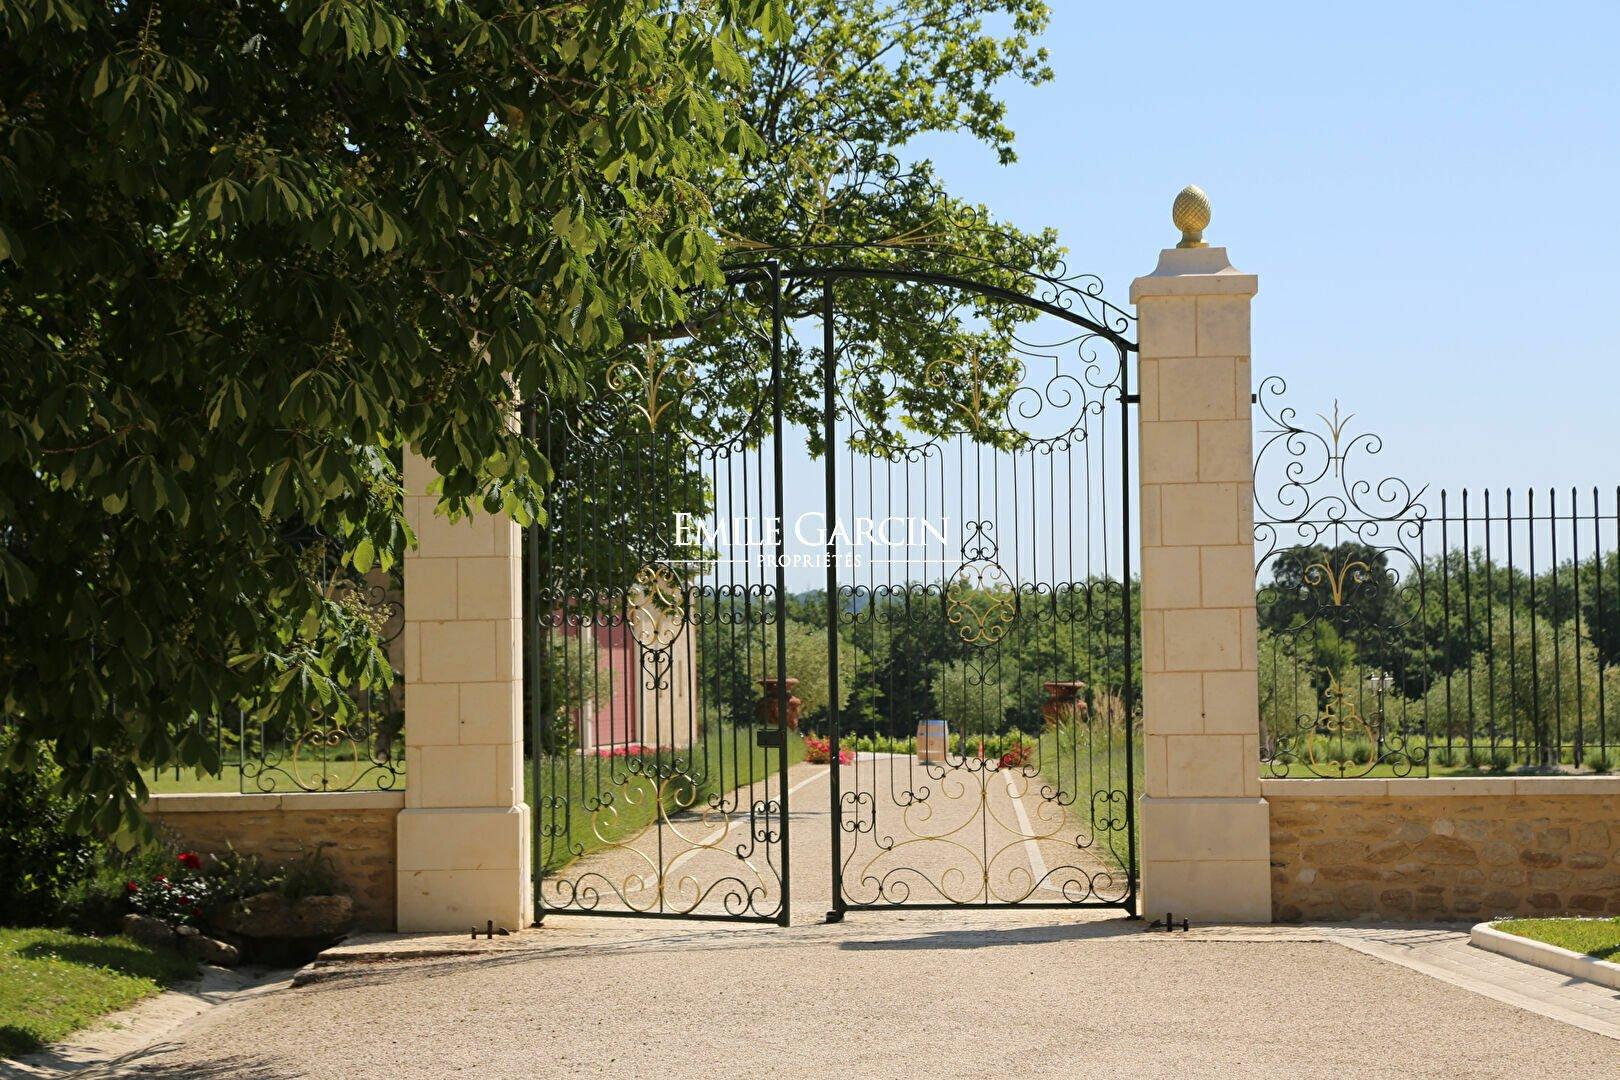 Castle in Libourne, Nouvelle-Aquitaine, France 1 - 11504270